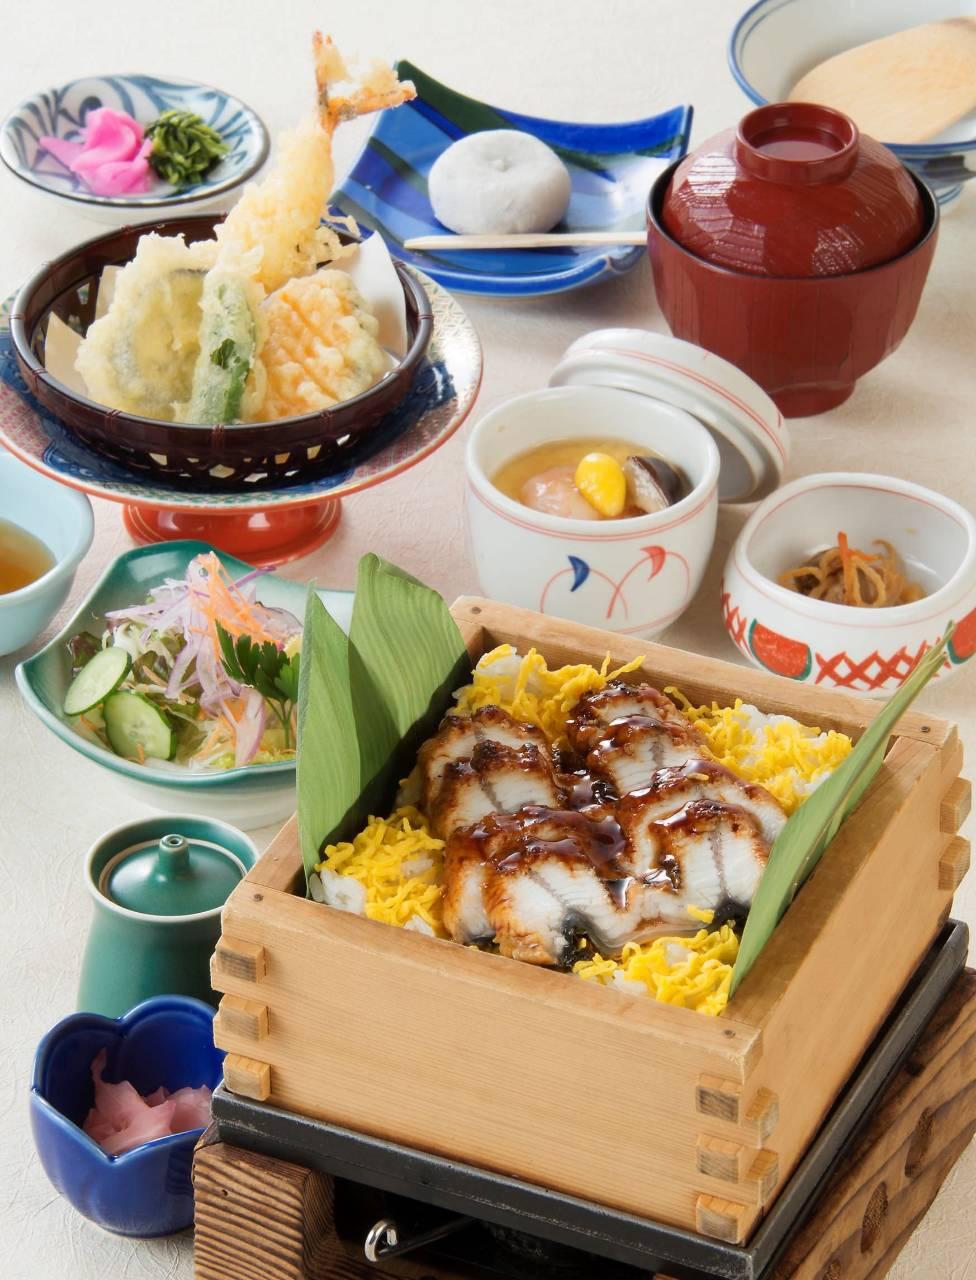 夏限定・せいろで蒸した温かいちらし寿司「うなぎぬく寿司膳」